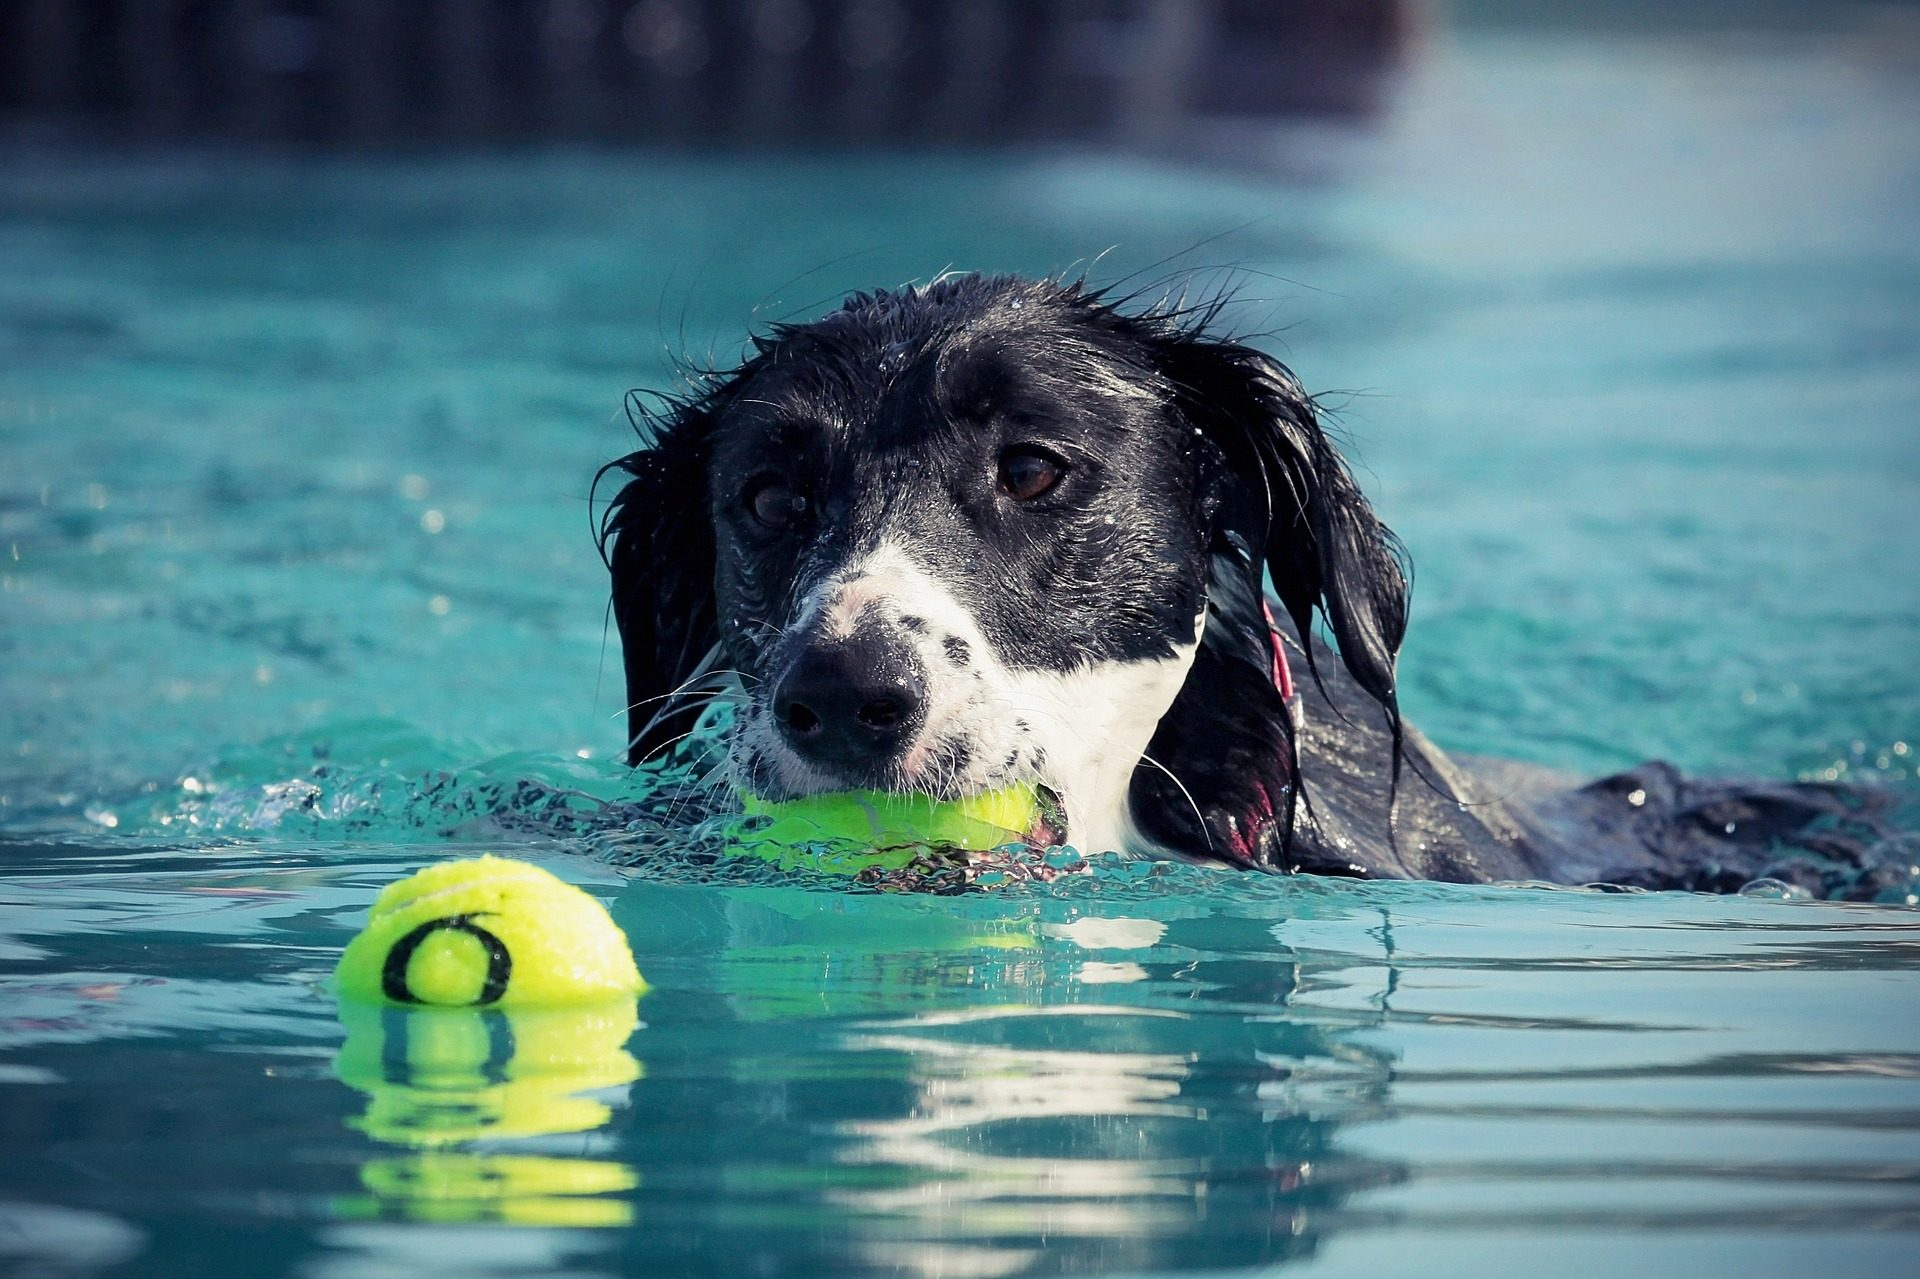 σκύλος, μπάλες, νερό, εκπαίδευση, Κολυμπήστε - Wallpapers HD - Professor-falken.com